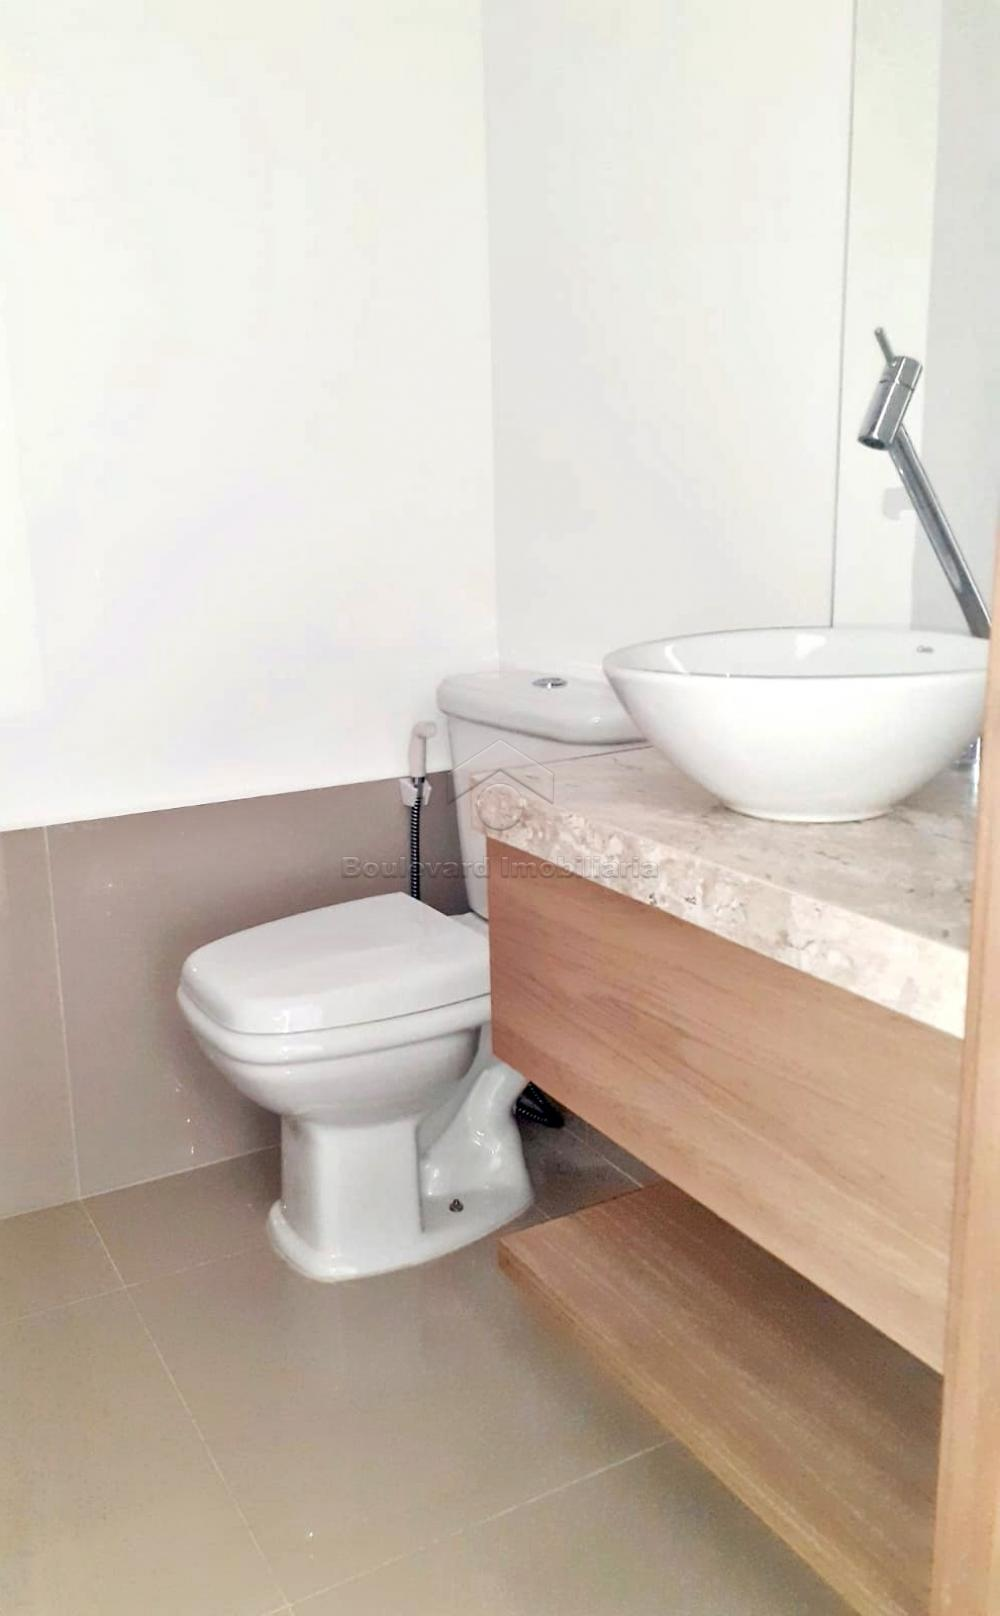 Alugar Apartamento / Padrão em Ribeirão Preto R$ 2.950,00 - Foto 8